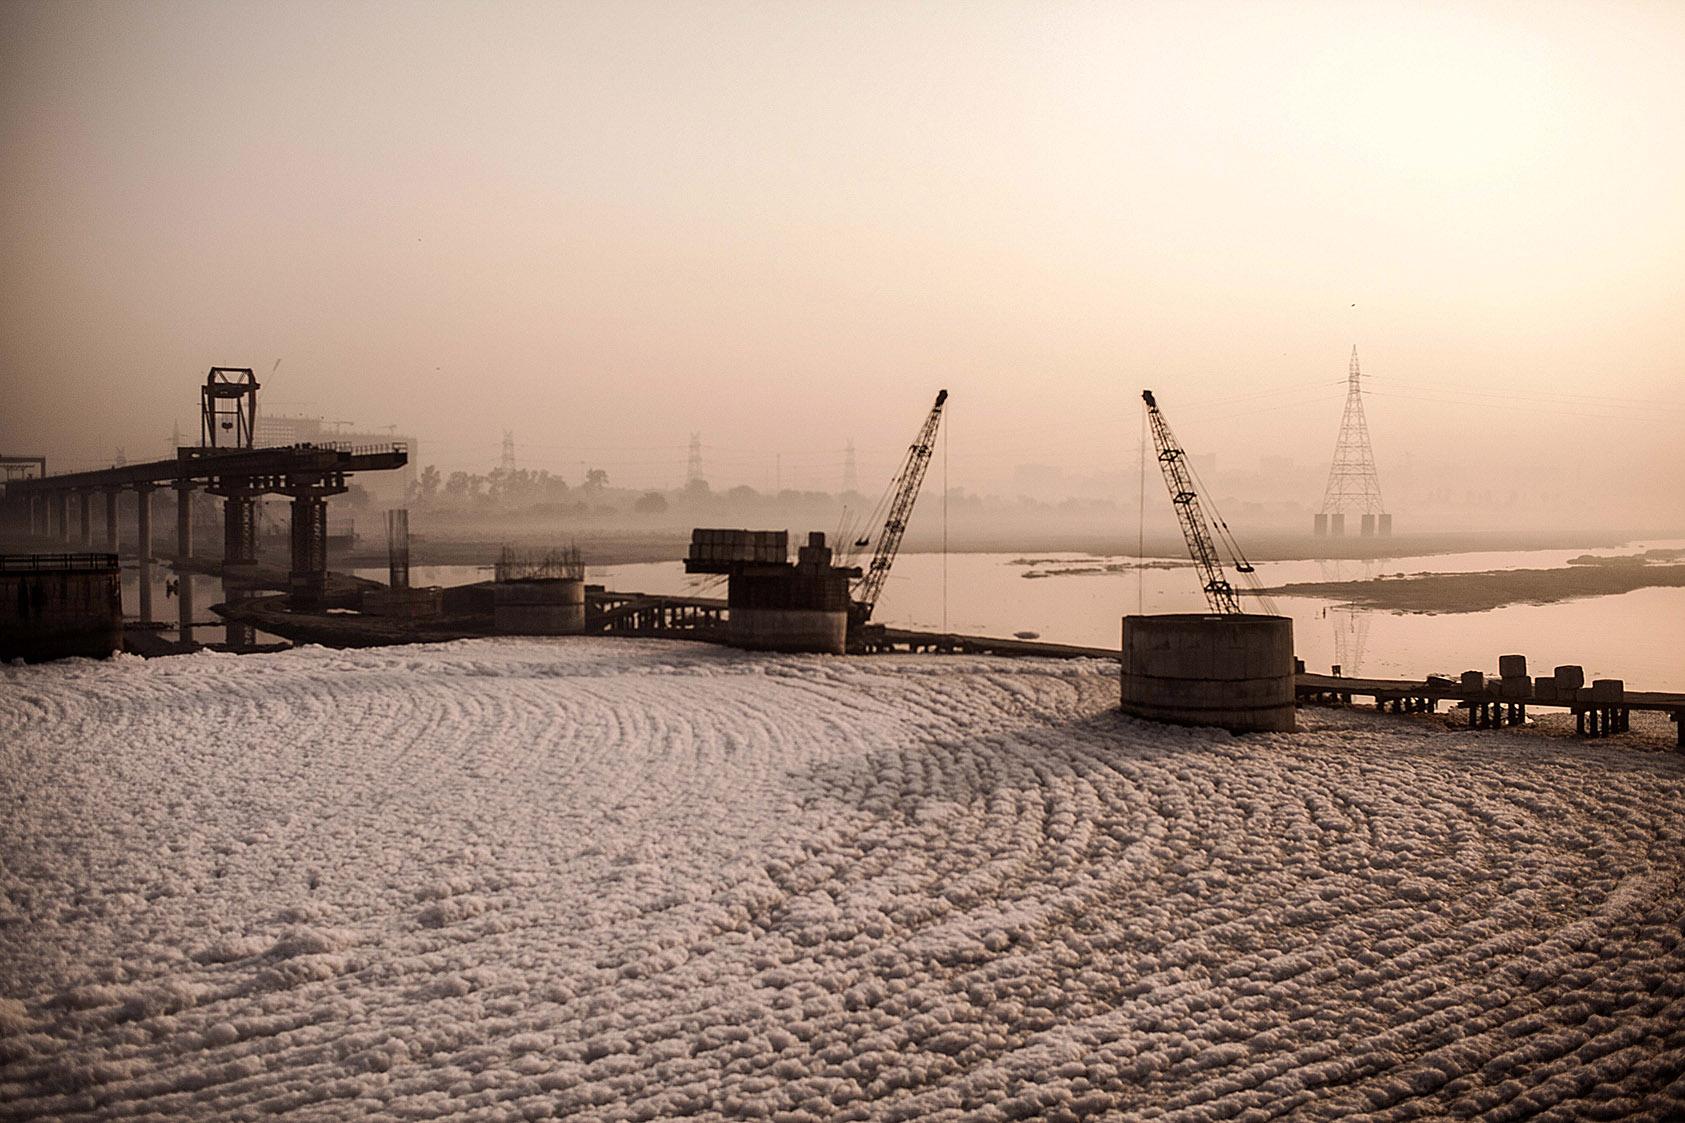 Polluted Yamuna looks like a forzen lake